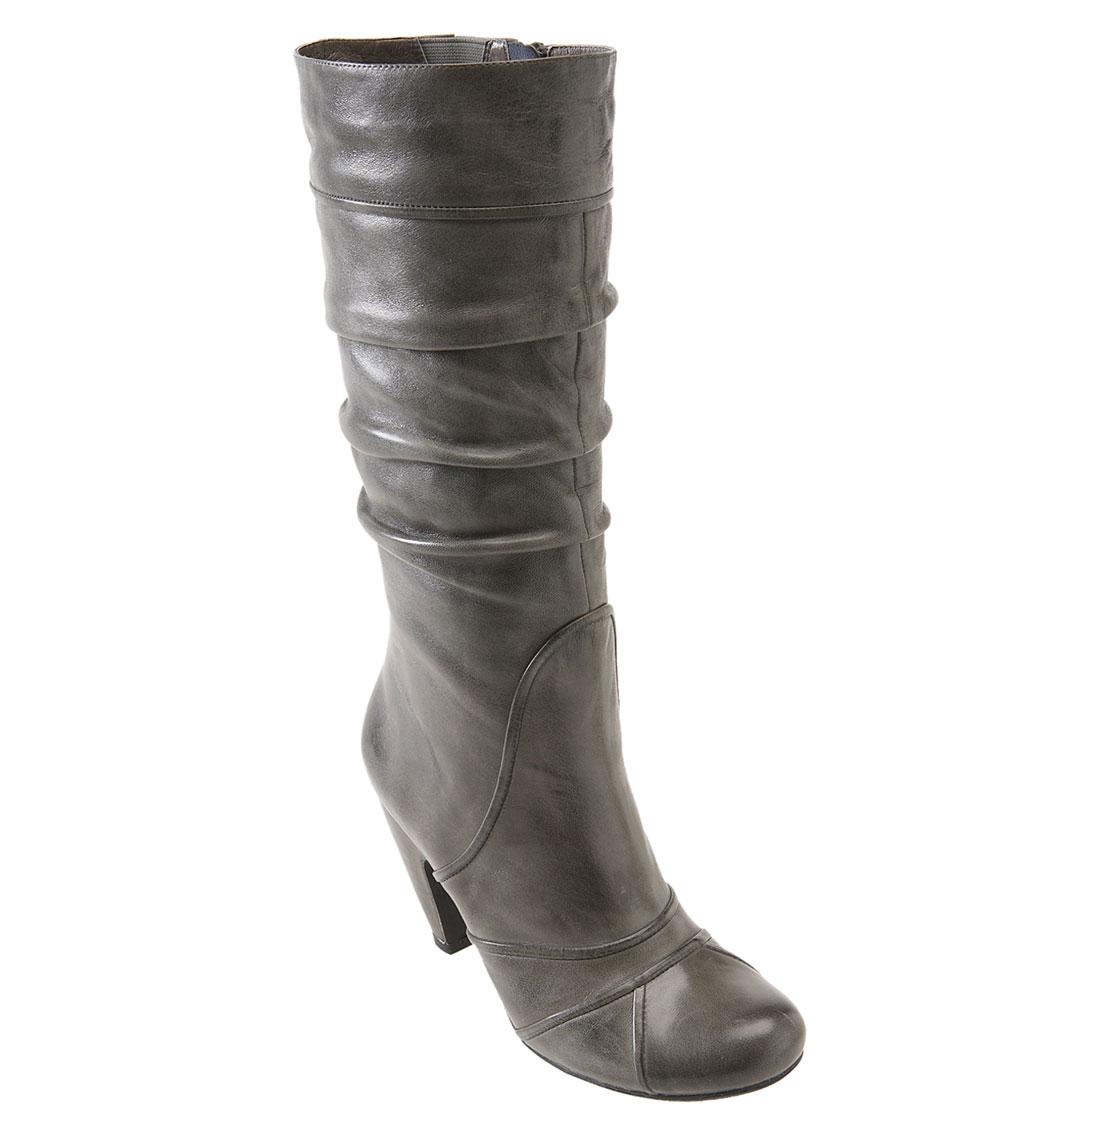 Miz Mooz Miz Mooz Sunrise Boot In Gray Grey